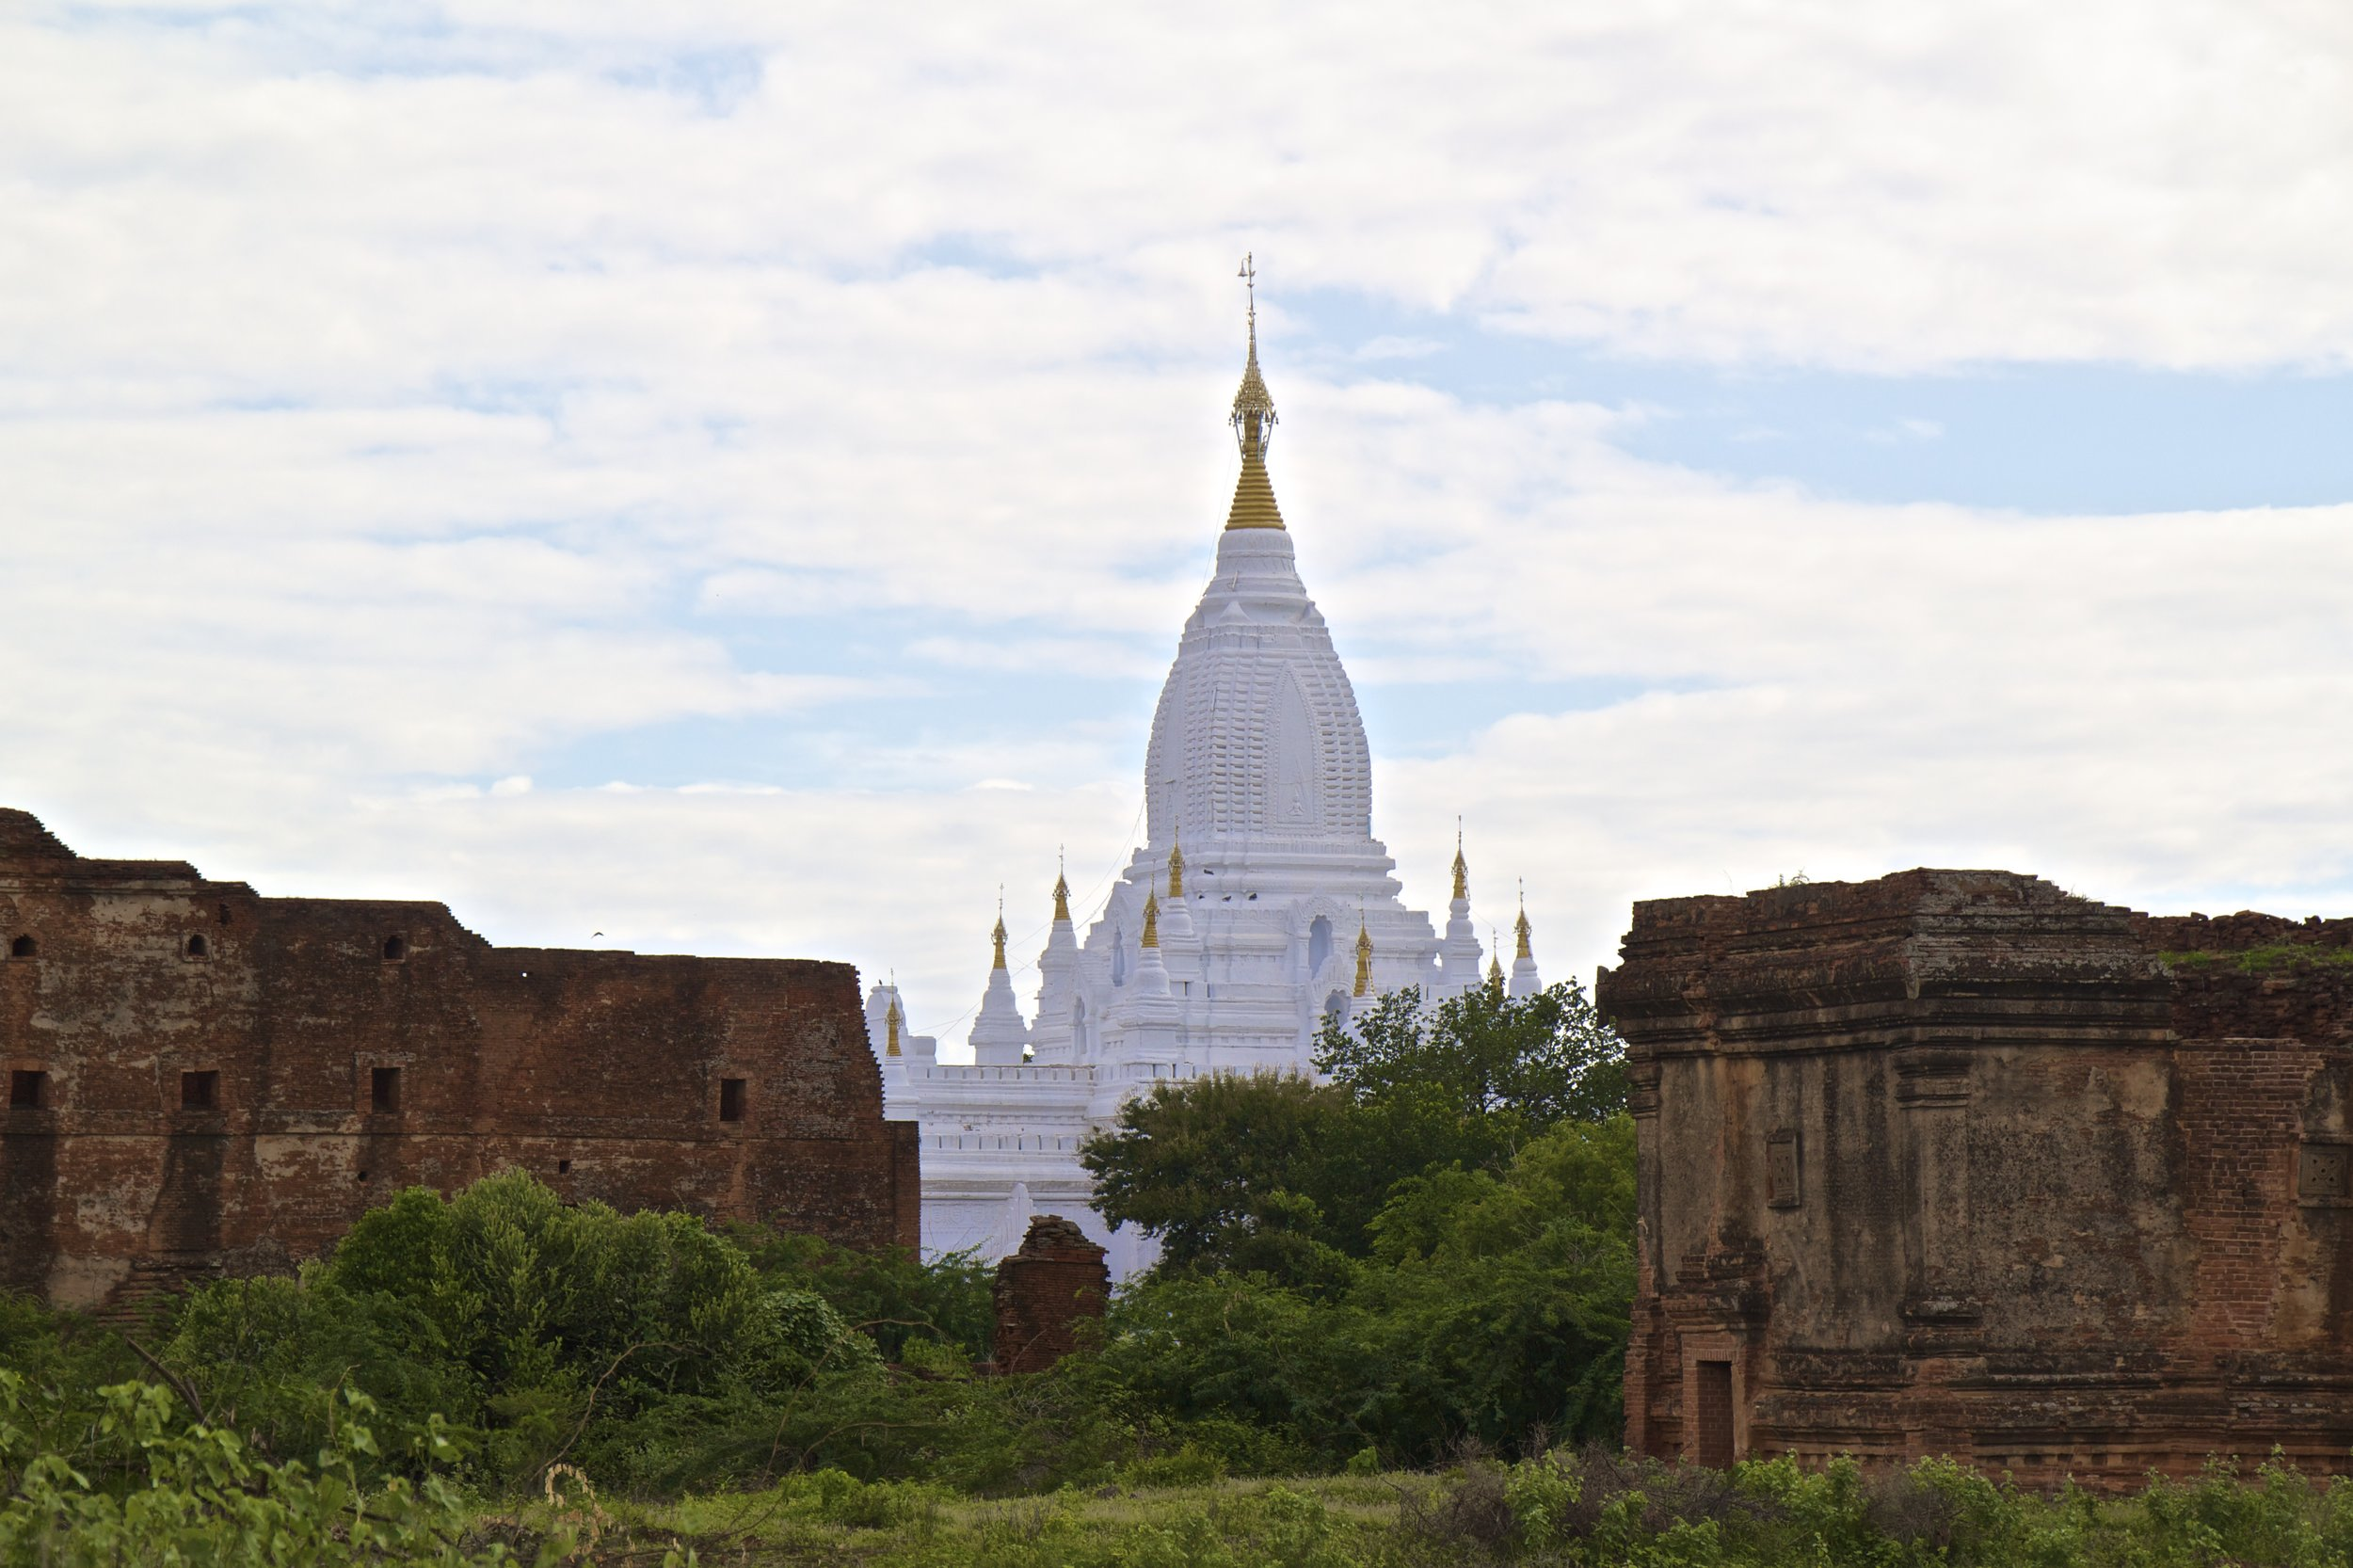 bagan burma myanmar buddhist temples 16.jpg